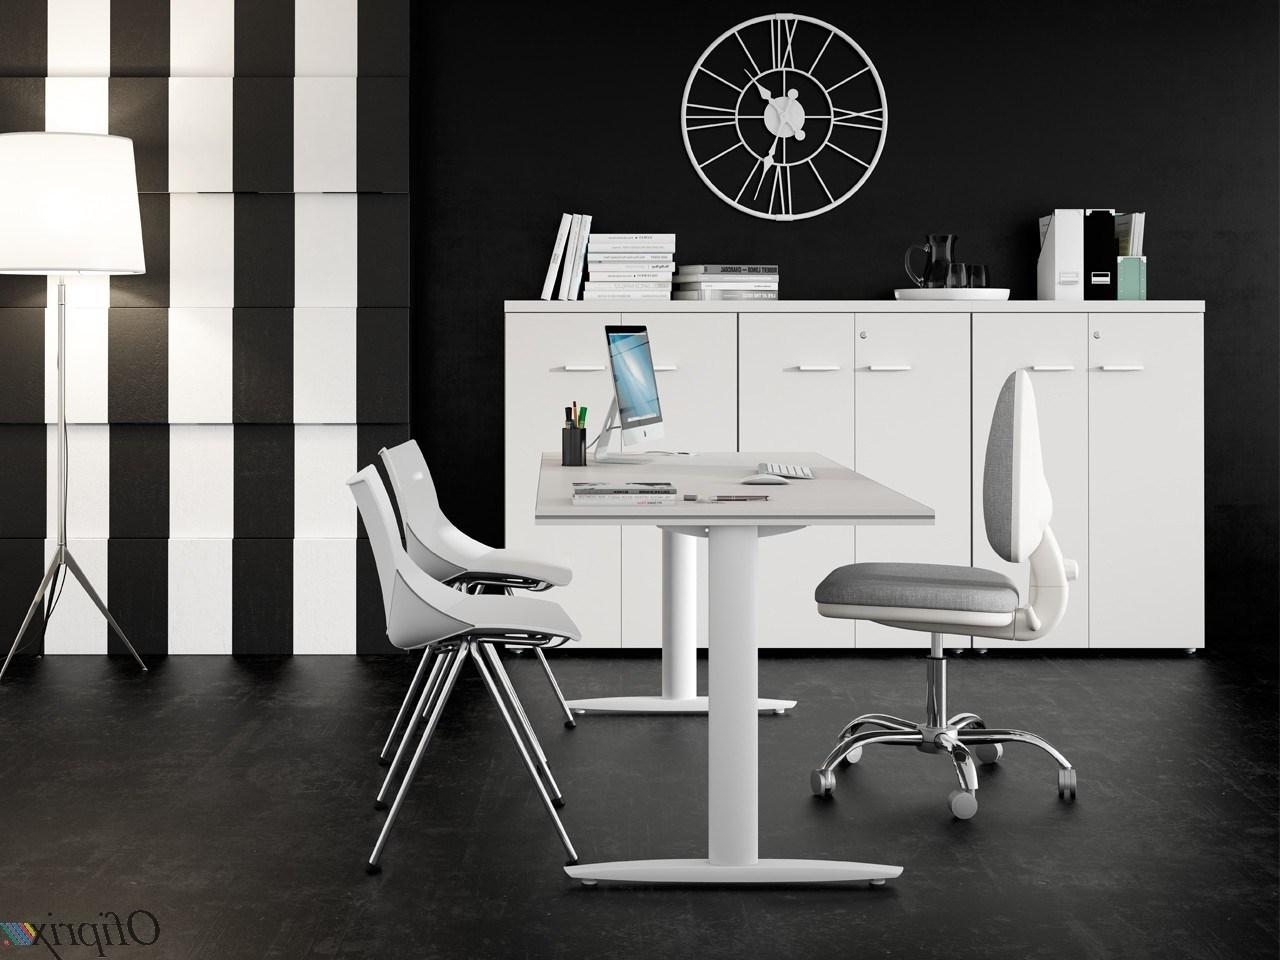 Mesa Oficina Barata Zwdg Mesa Oficina Barata Mesas De Oficina Baratas Work Basic